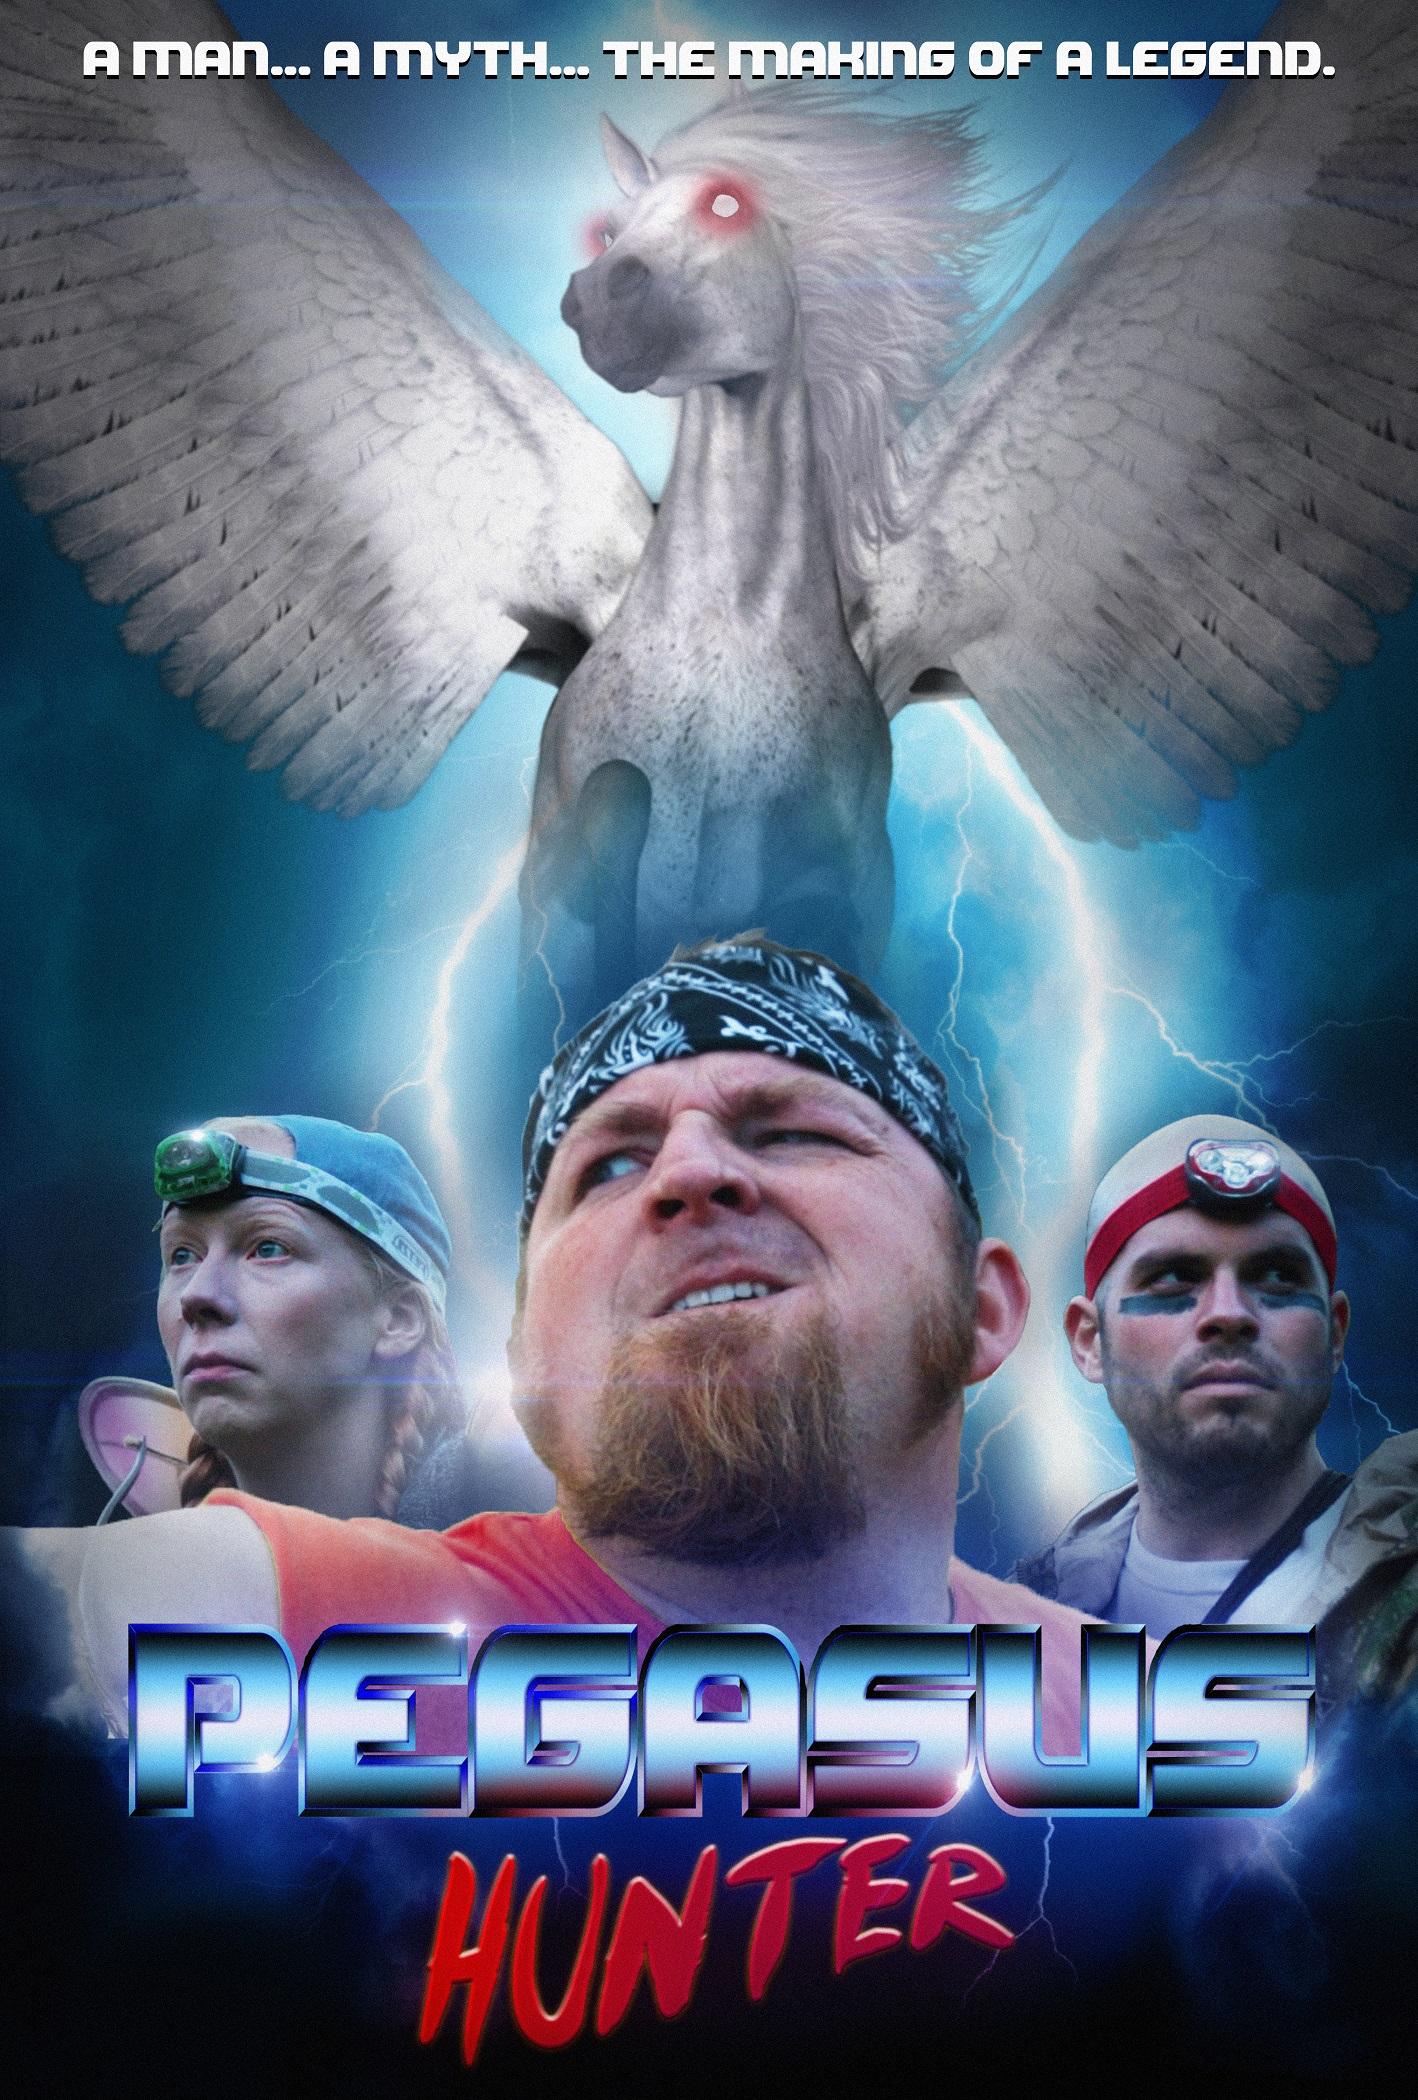 image Pegasus Hunter Watch Full Movie Free Online